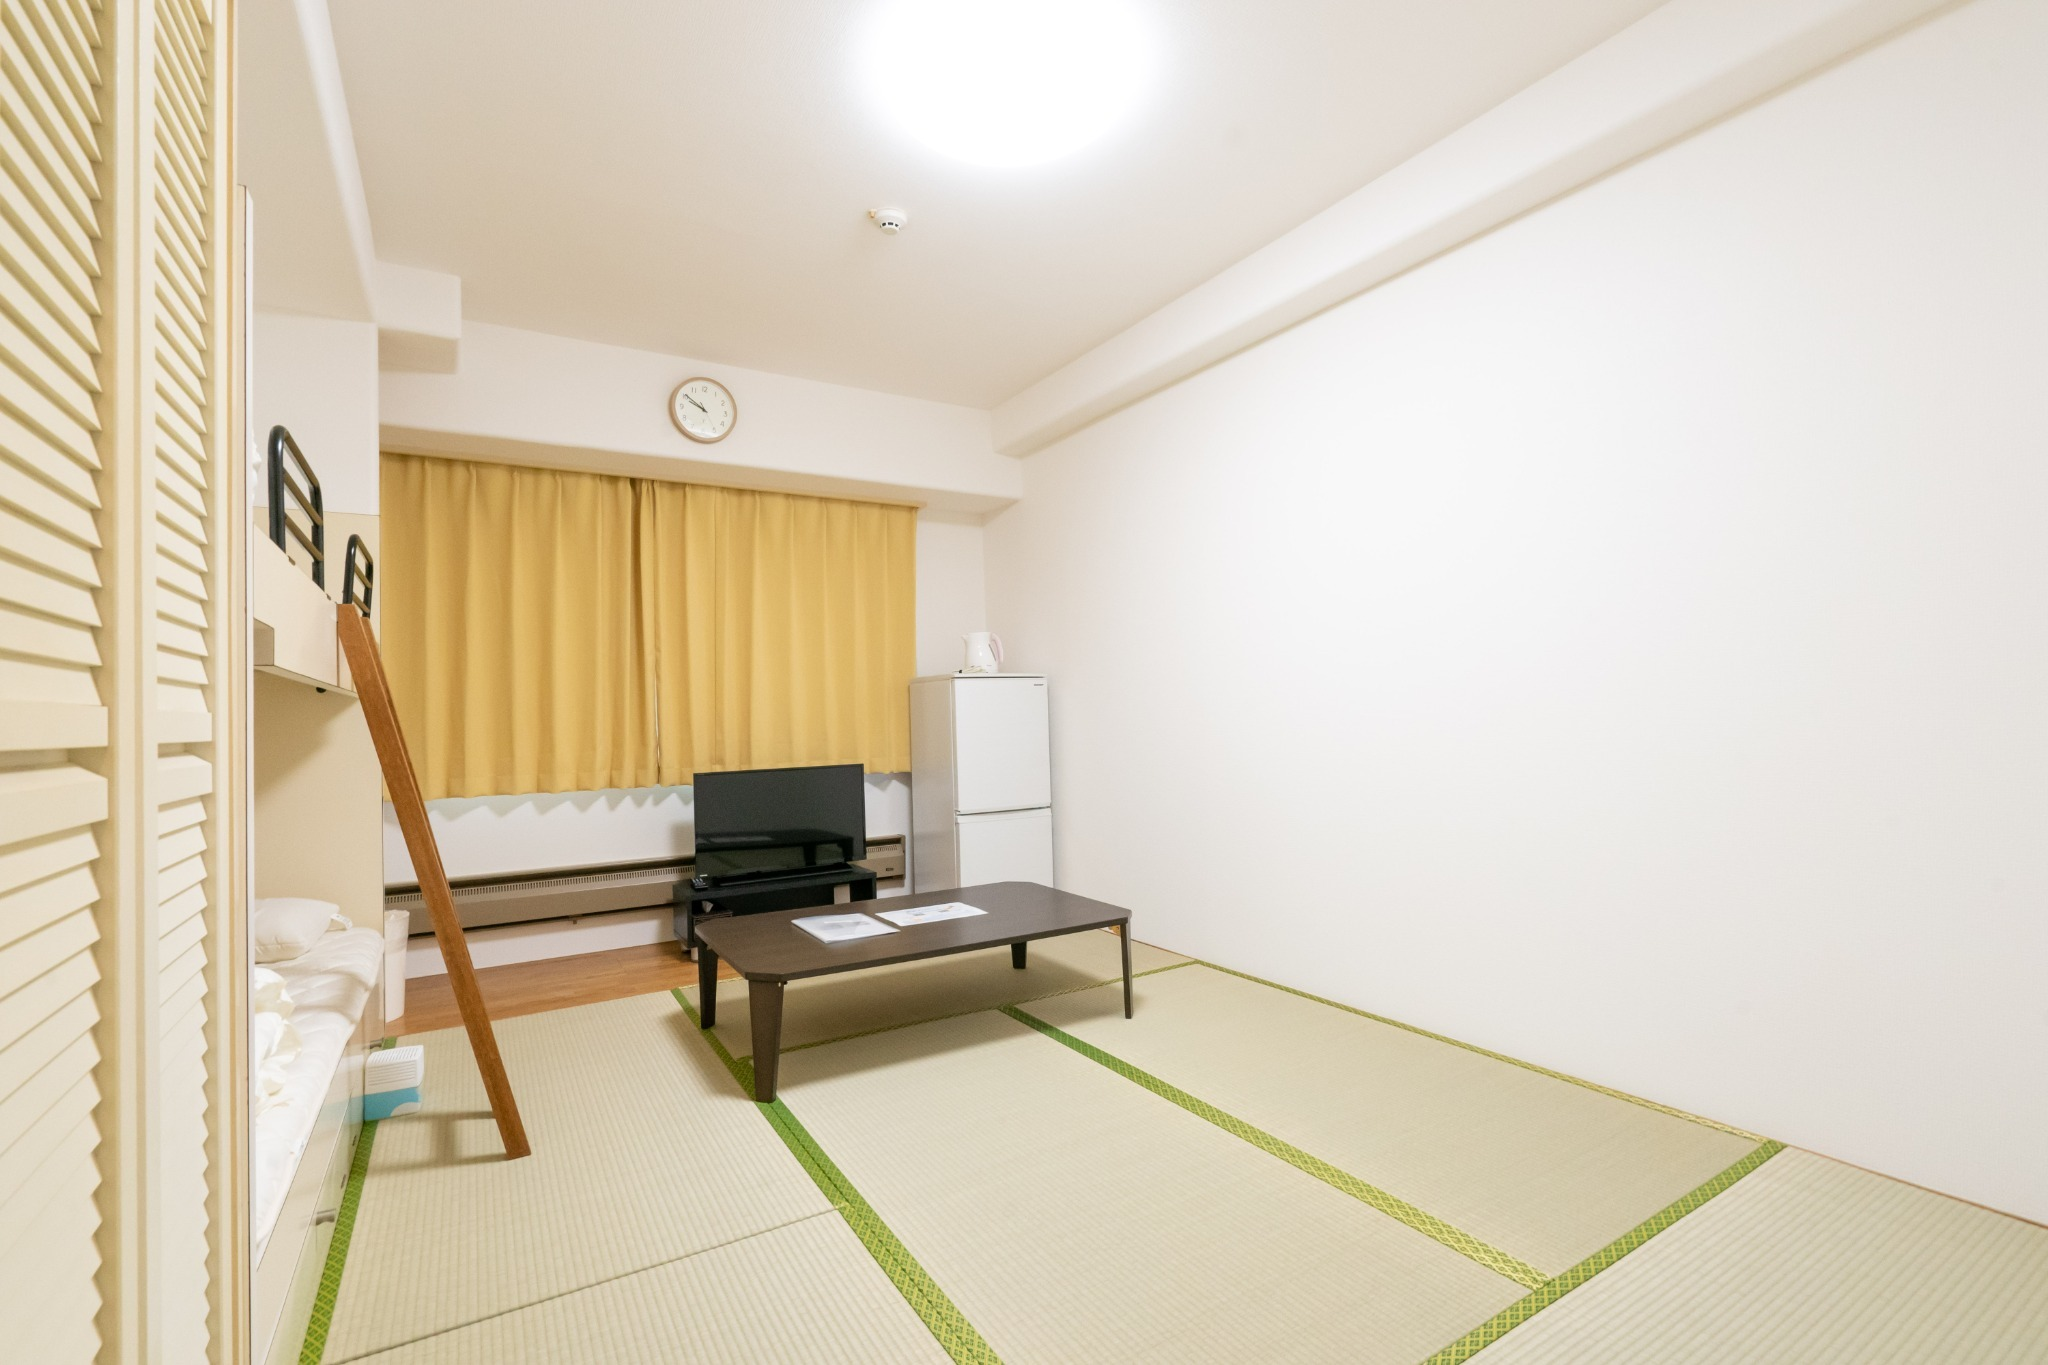 【値下げSALE中】温泉有・Wi-Fi完備・リゾートマンションでごゆっくり【415号室・4名】